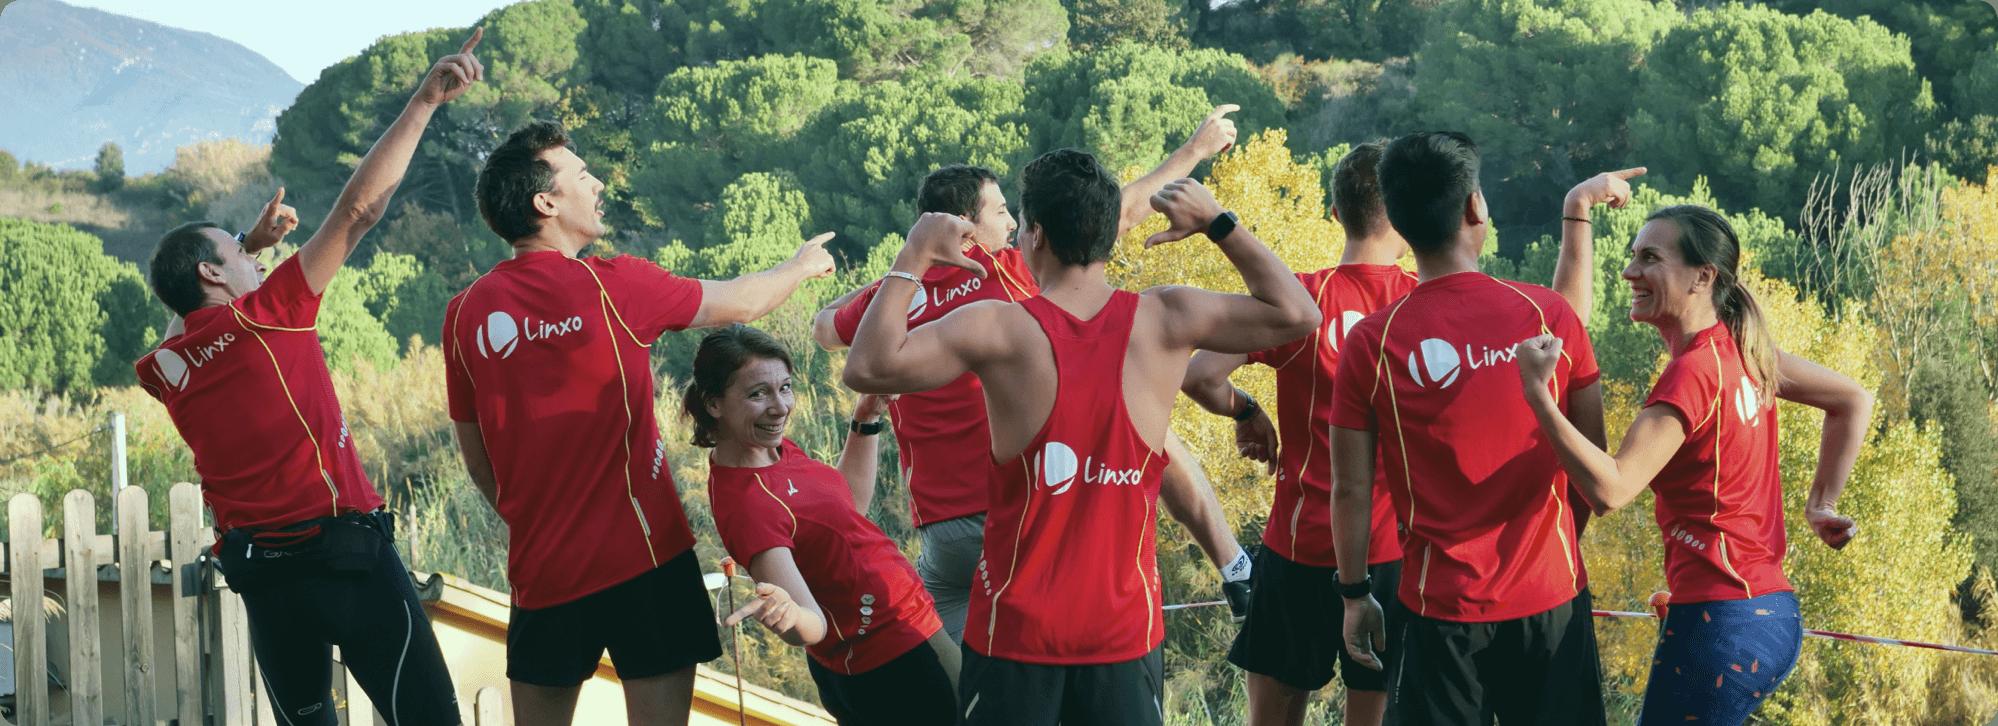 Linxo compte des passionnés de sport qui n'hésitent pas à faire l'effort pour des événements